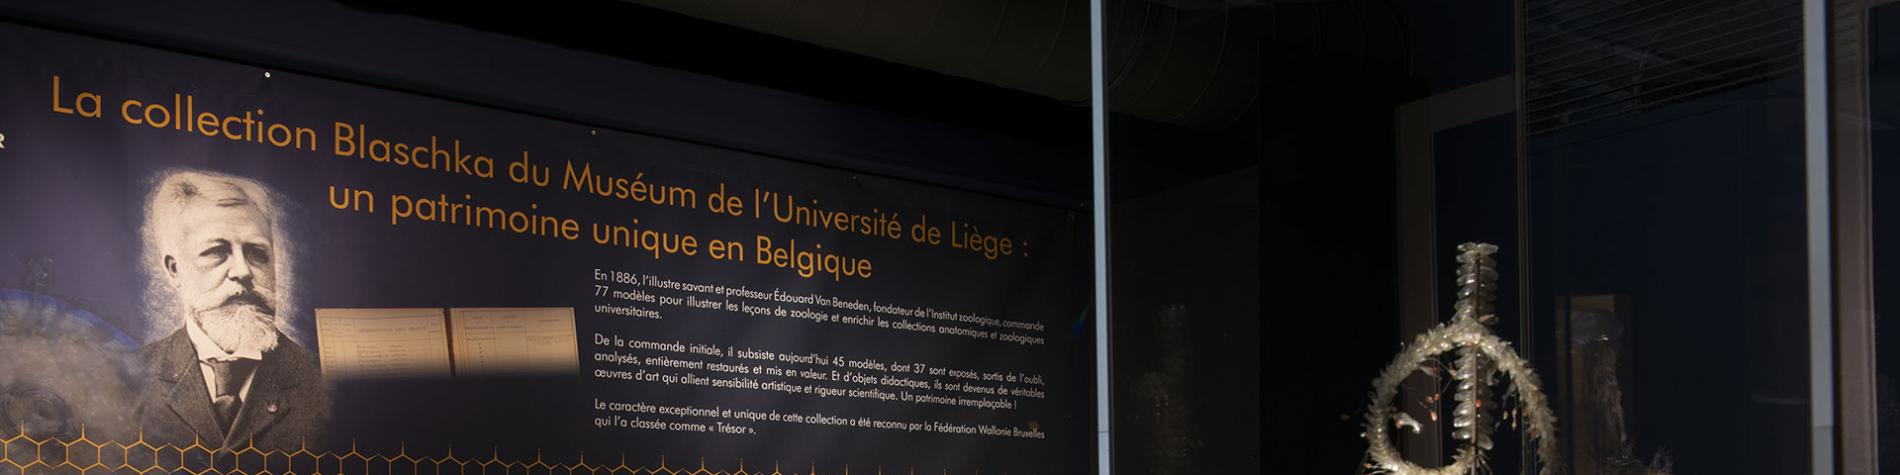 L'Aquarium-Muséum Universitaire - Liège - Plongée magique - monde aquatique - 20 000 spécimens